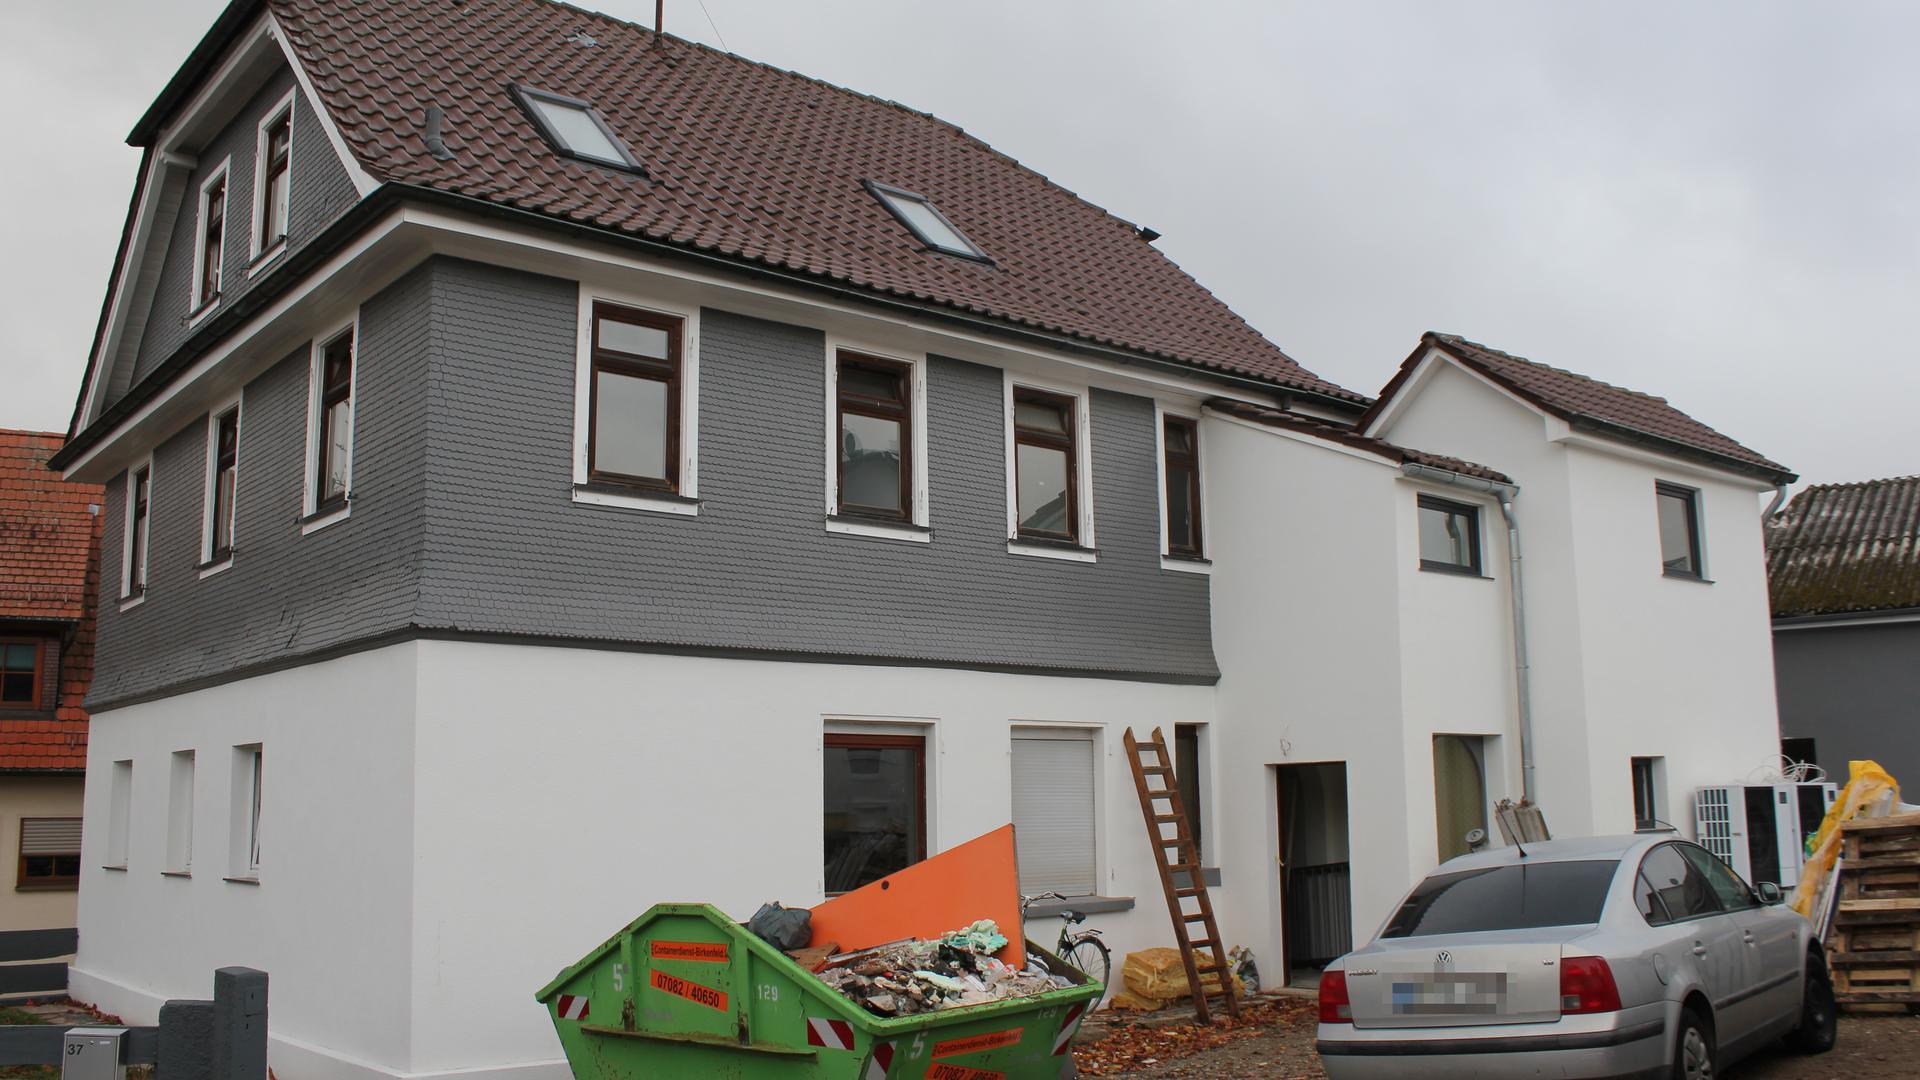 Nutzung untersagt: Die illegale Sammelunterkunft für mehr als 20 Arbeiter in der Waldrennacher Eichwaldstraße wird saniert. Bauamt und Besitzer wollen sich vor Ort treffen, um über die Genehmigung zu sprechen.